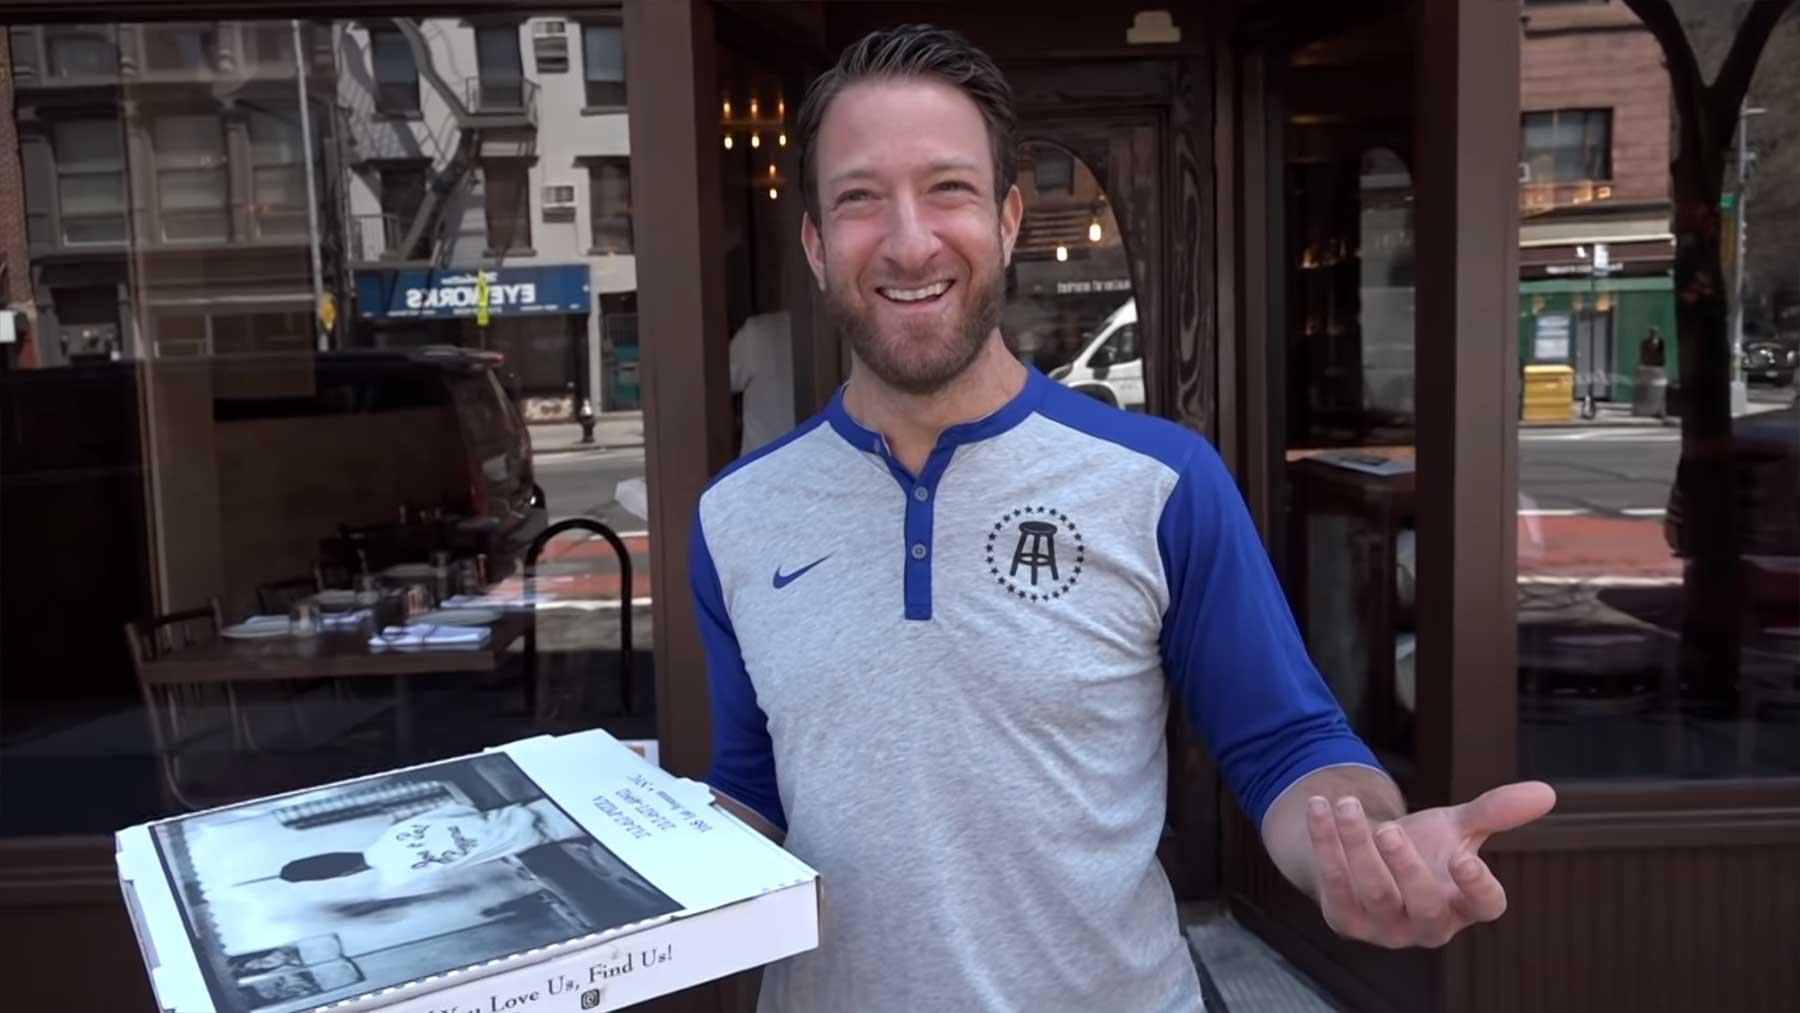 Der Versuch eines Pizza-Reviews auf New York Citys Straßen unterbrochenes-pizza-review